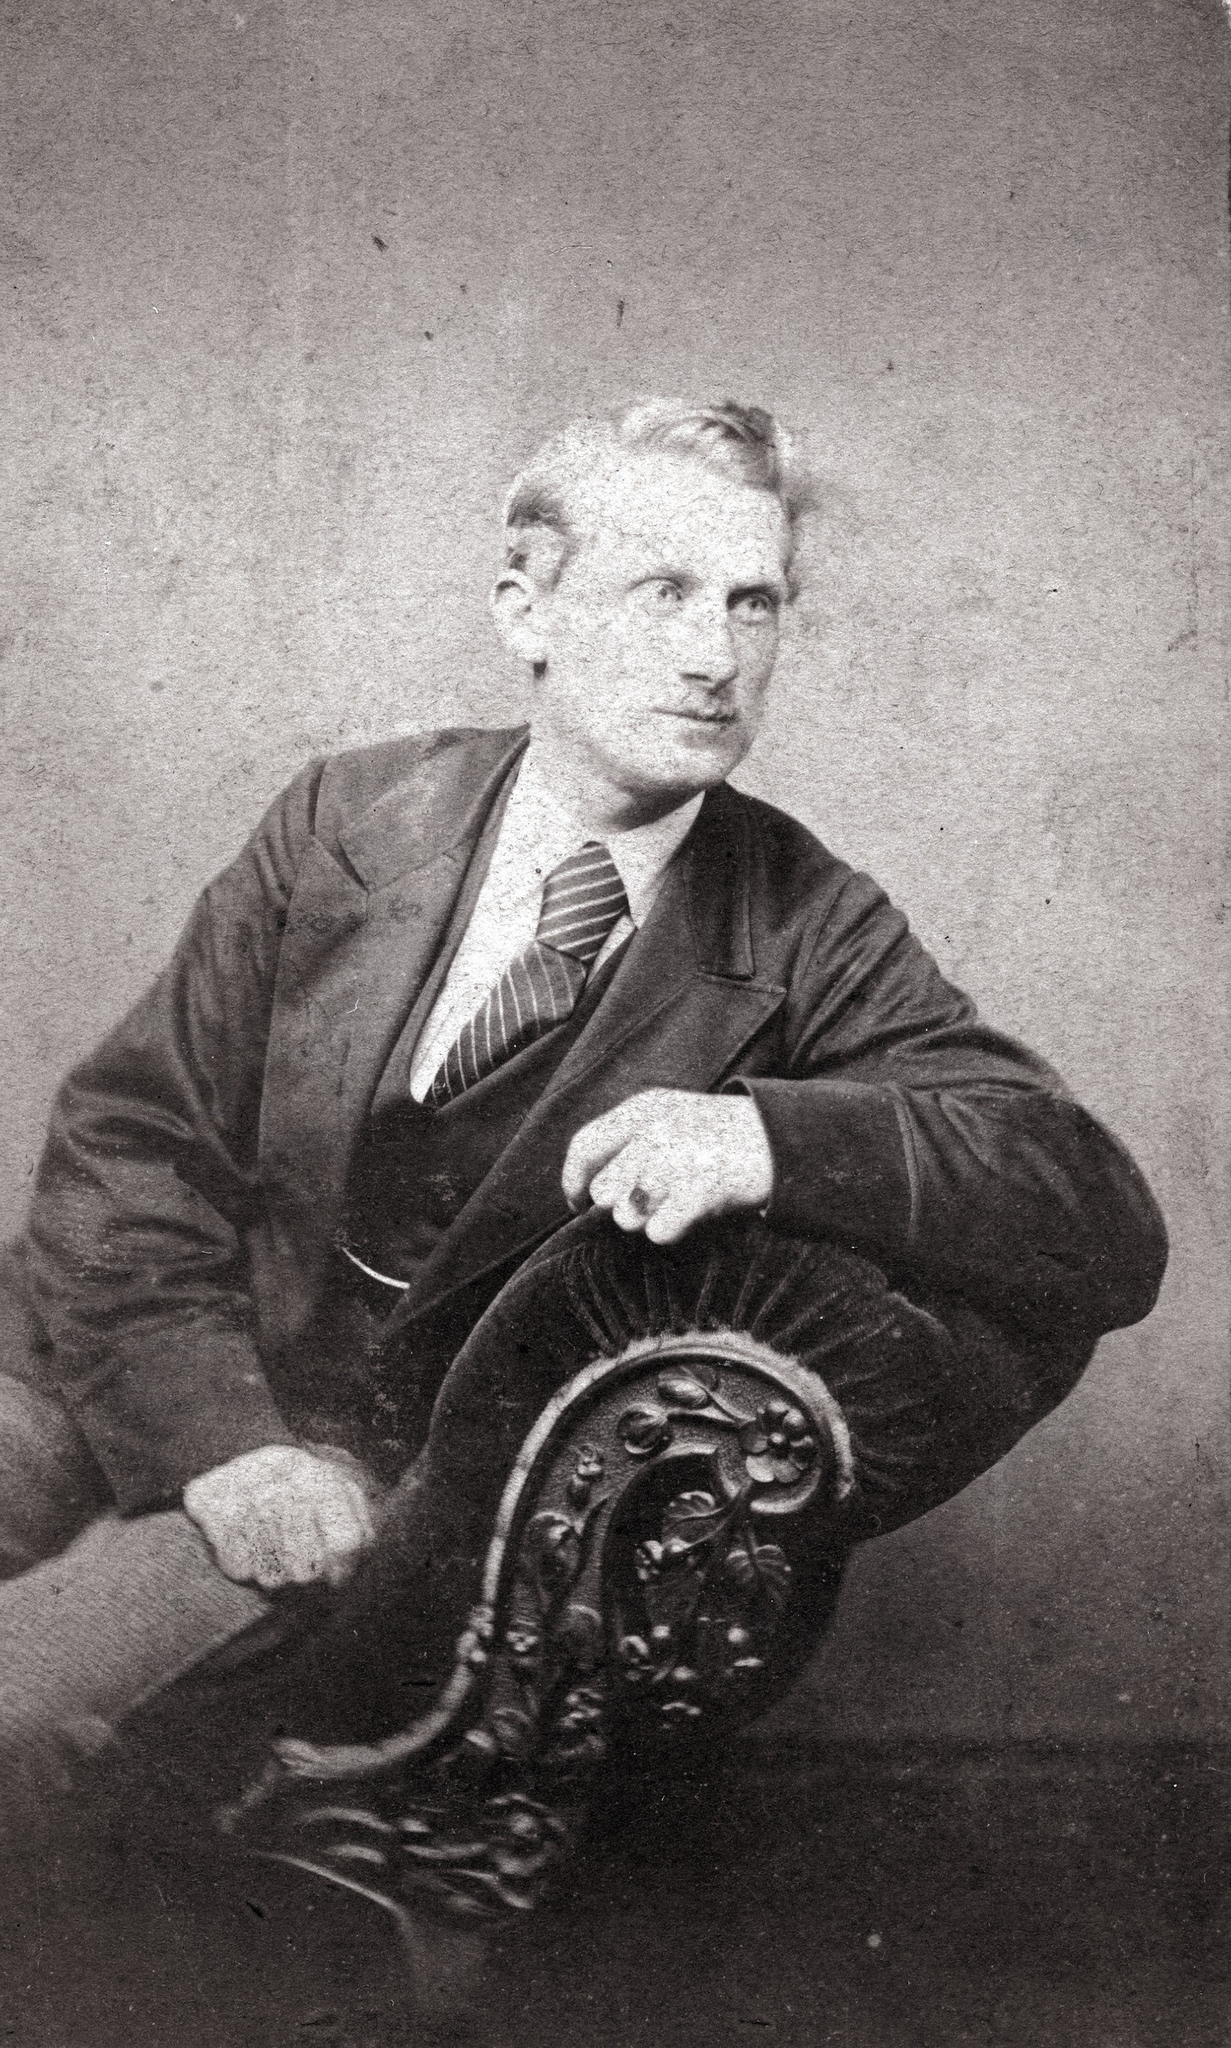 1865. Неизвестный человек